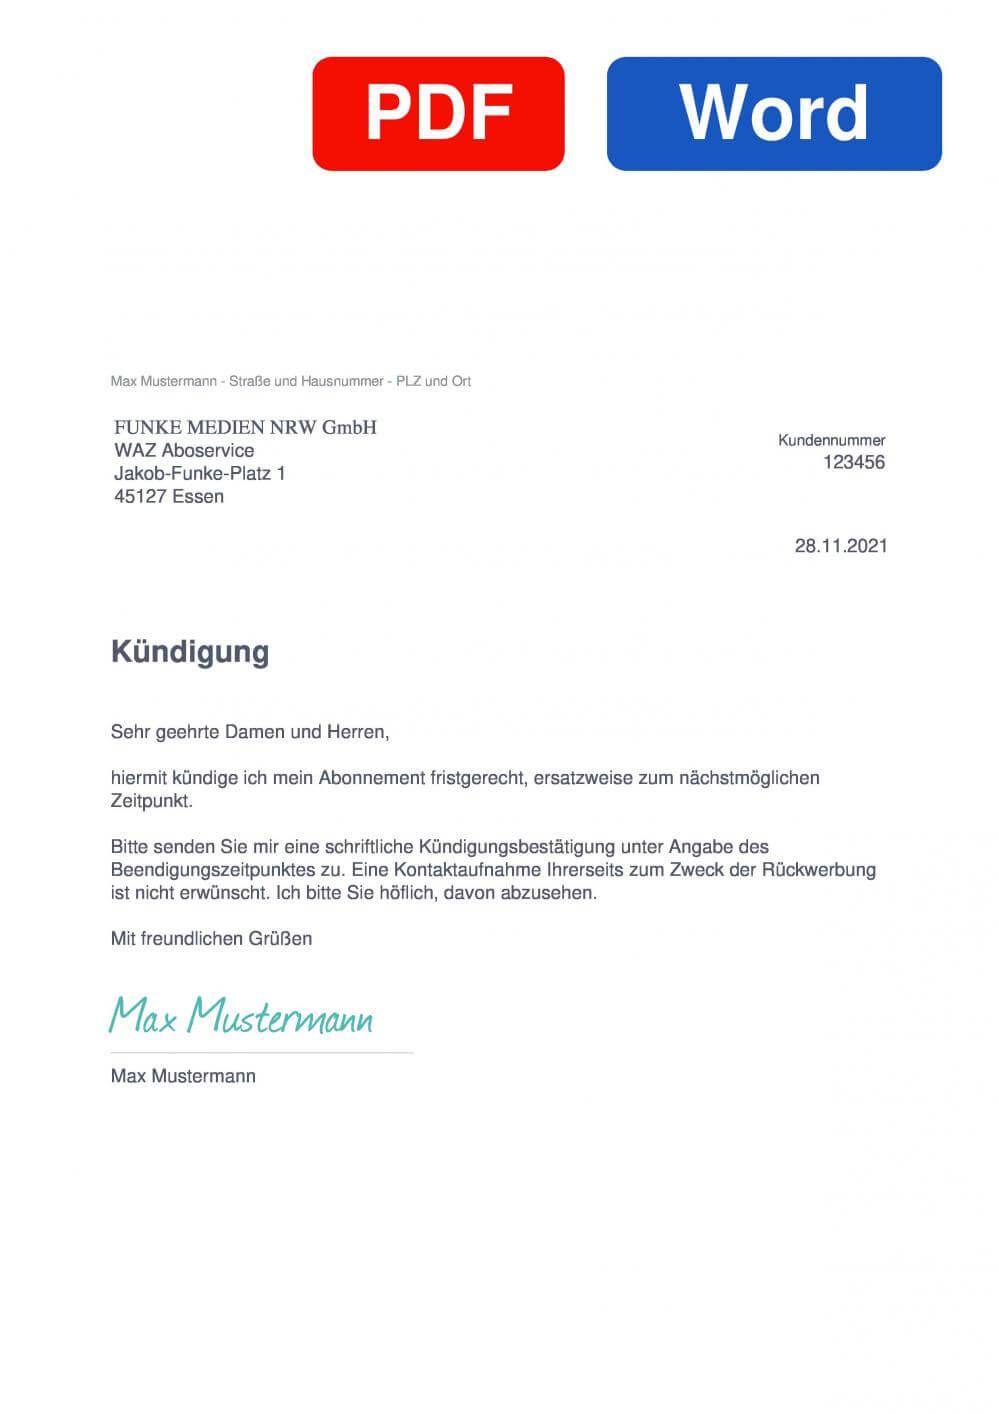 WAZ - Westdeutsche Allgemeine Zeitung Muster Vorlage für Kündigungsschreiben